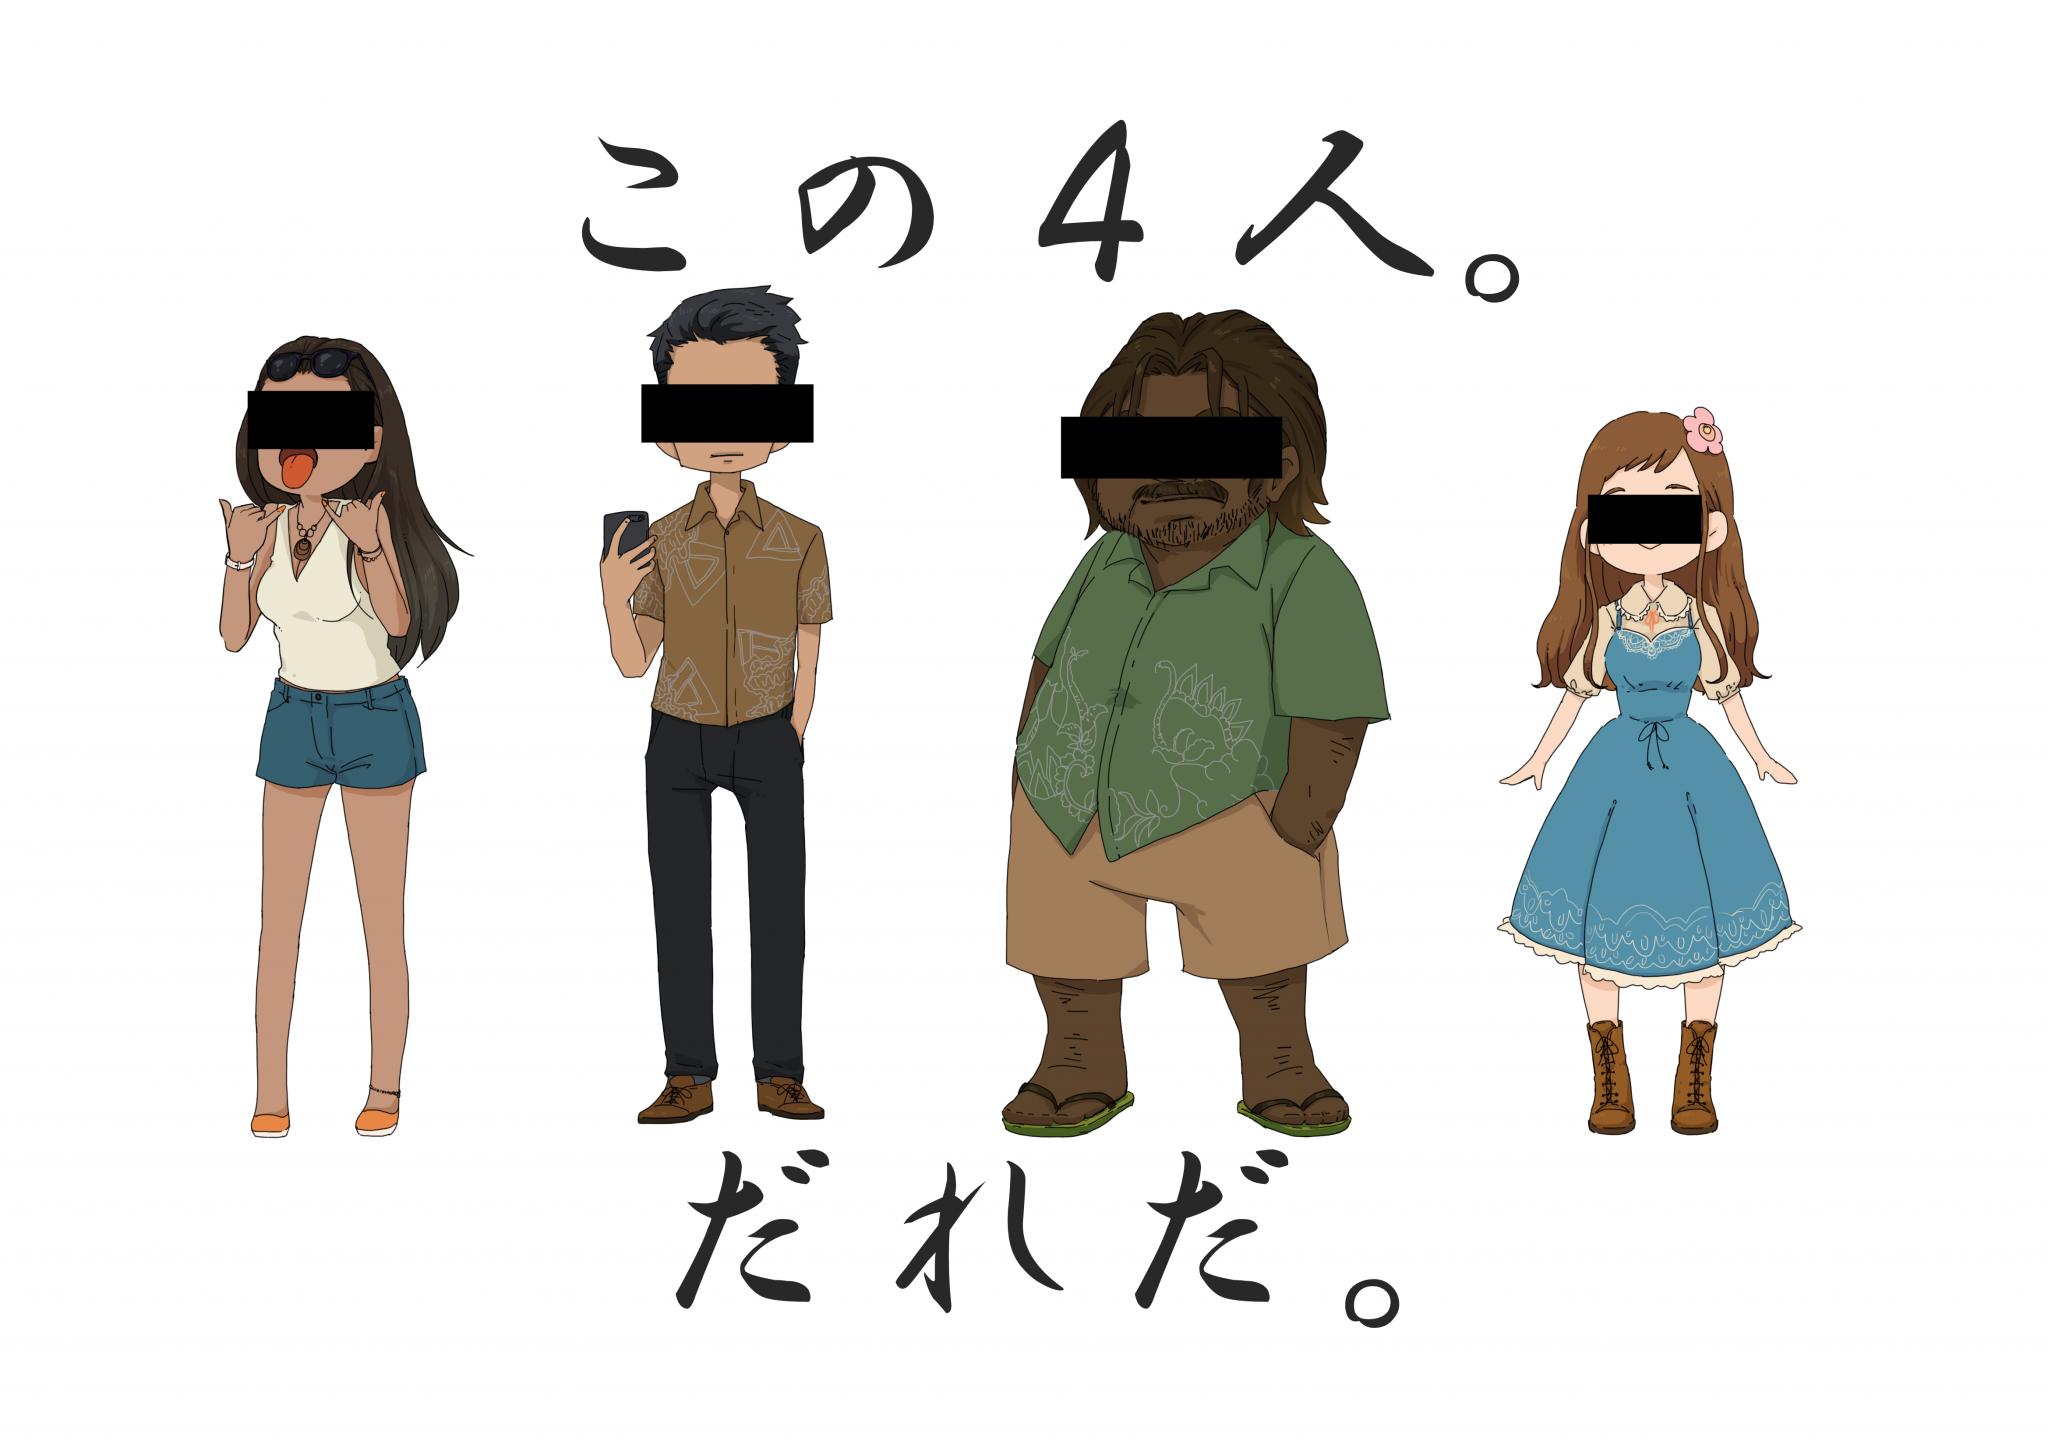 ホントに実在する?インドネシア生活に染まった4人の日本人あるある特徴まとめ